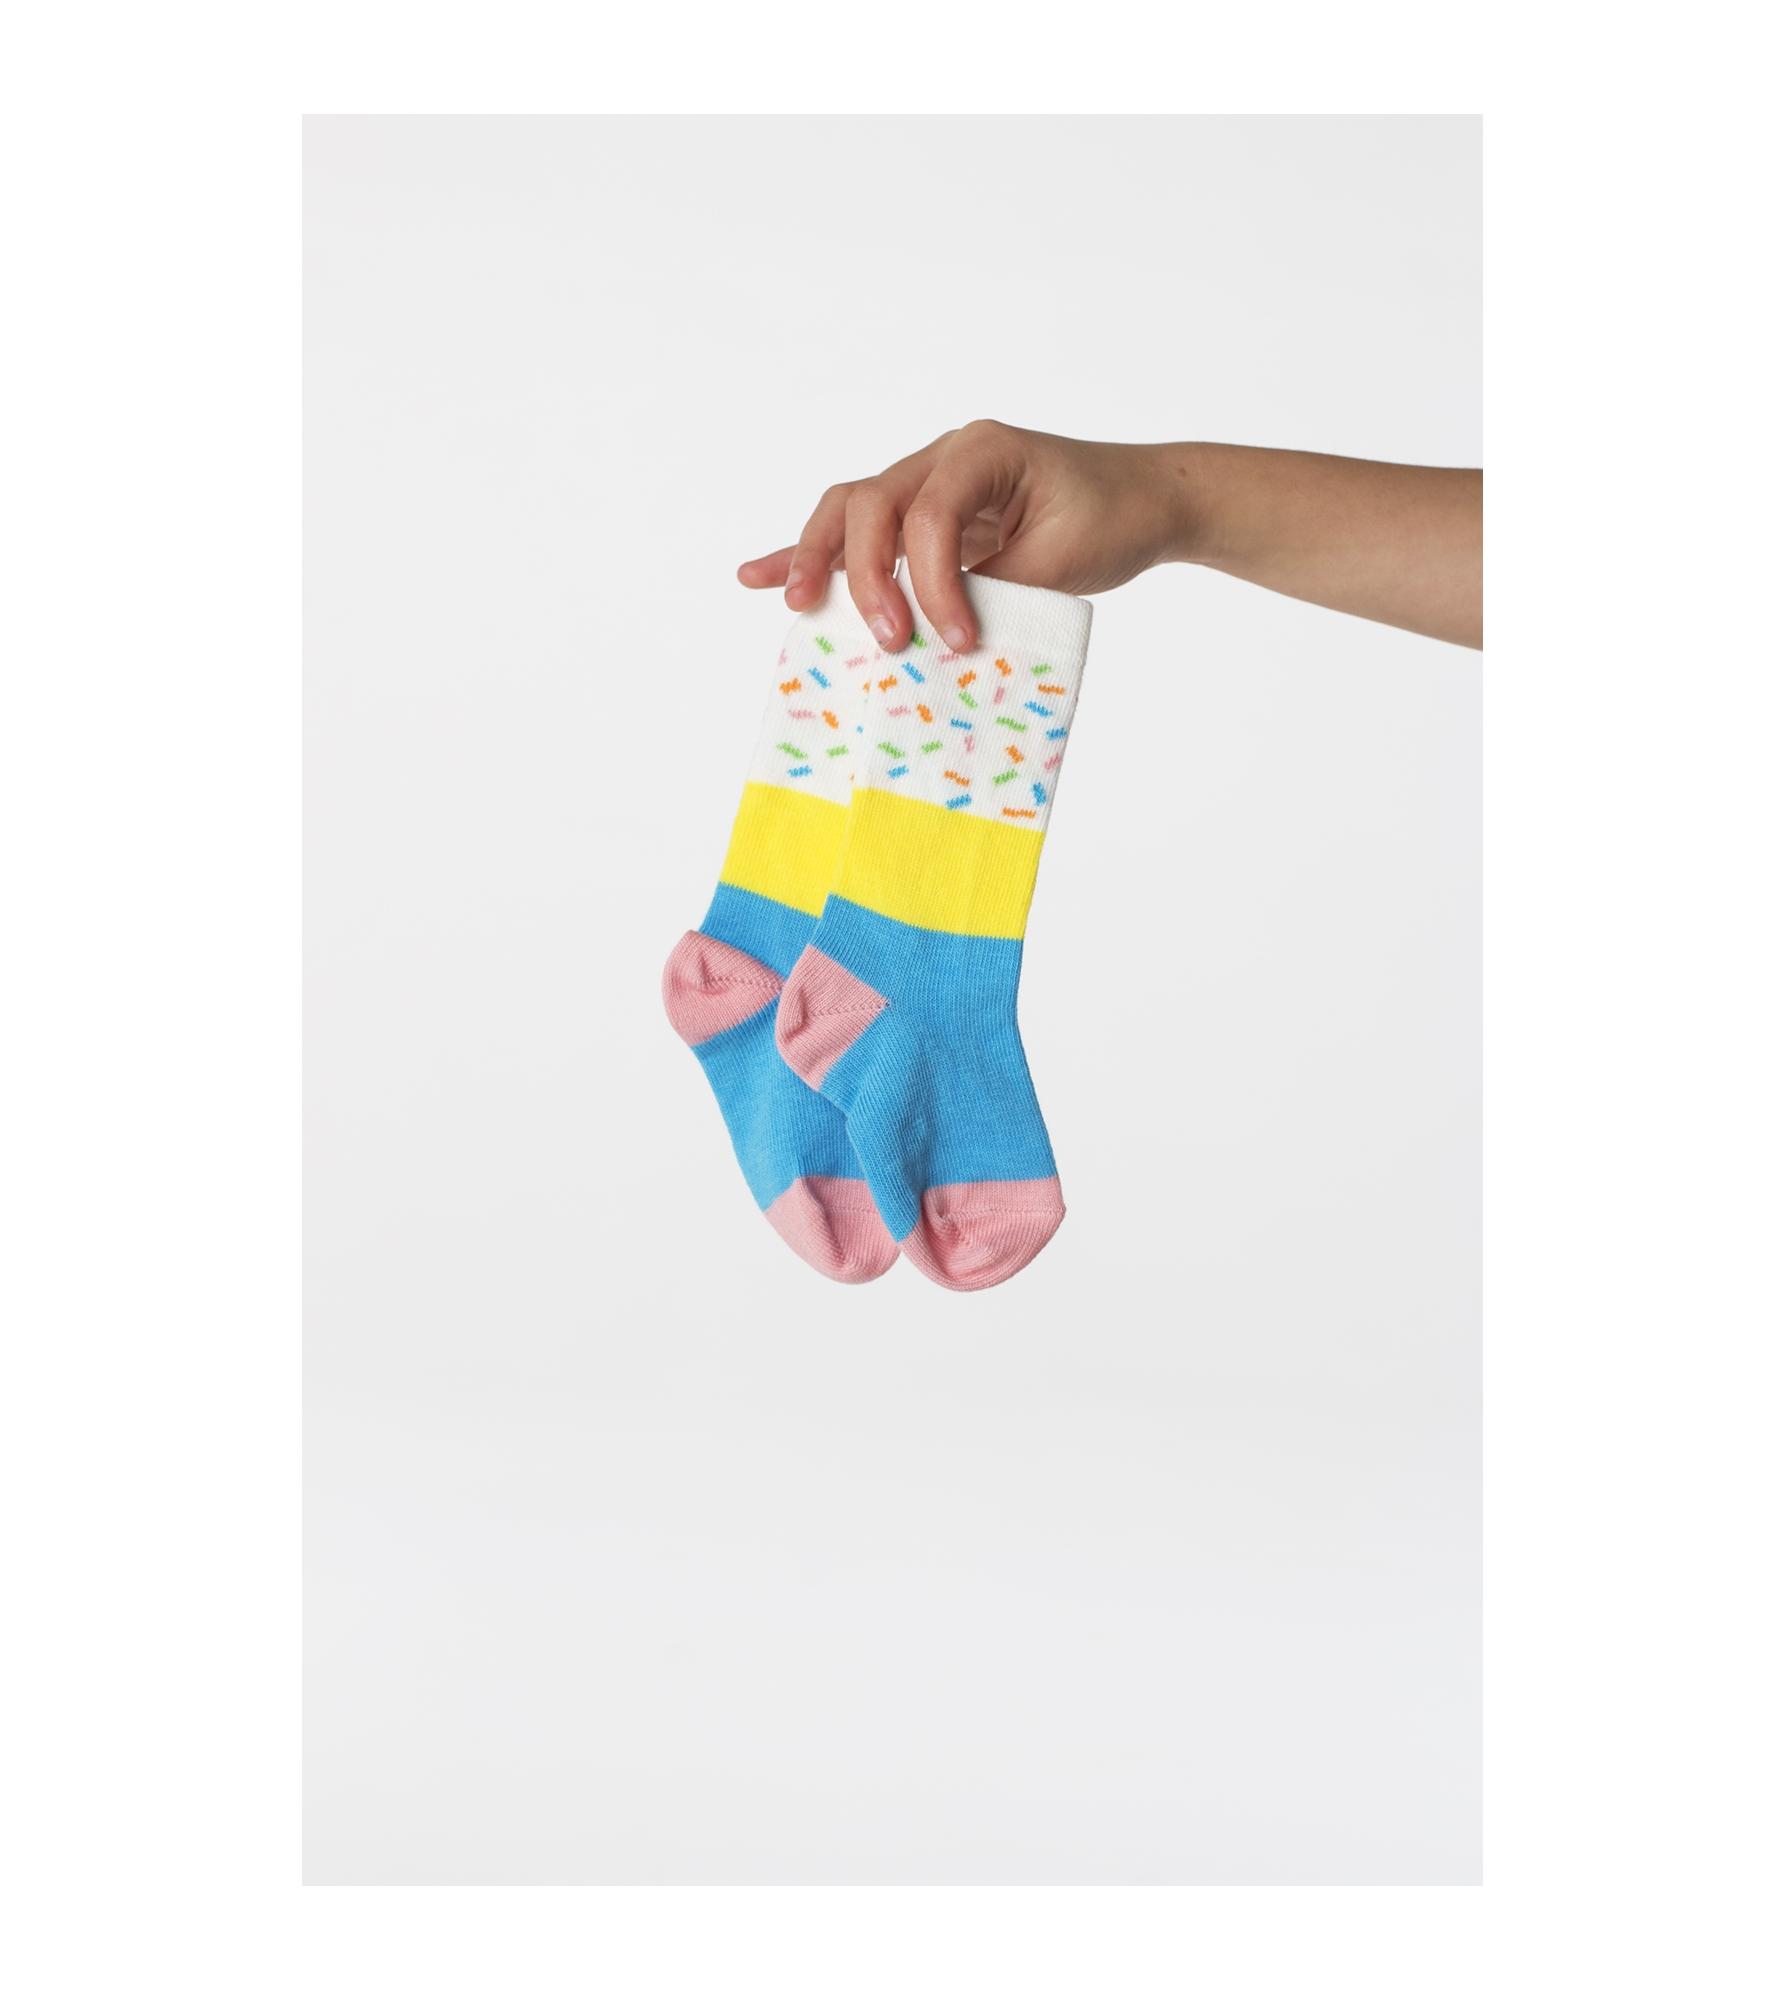 Braveling_Sprinkle Socks_flatshot.jpg